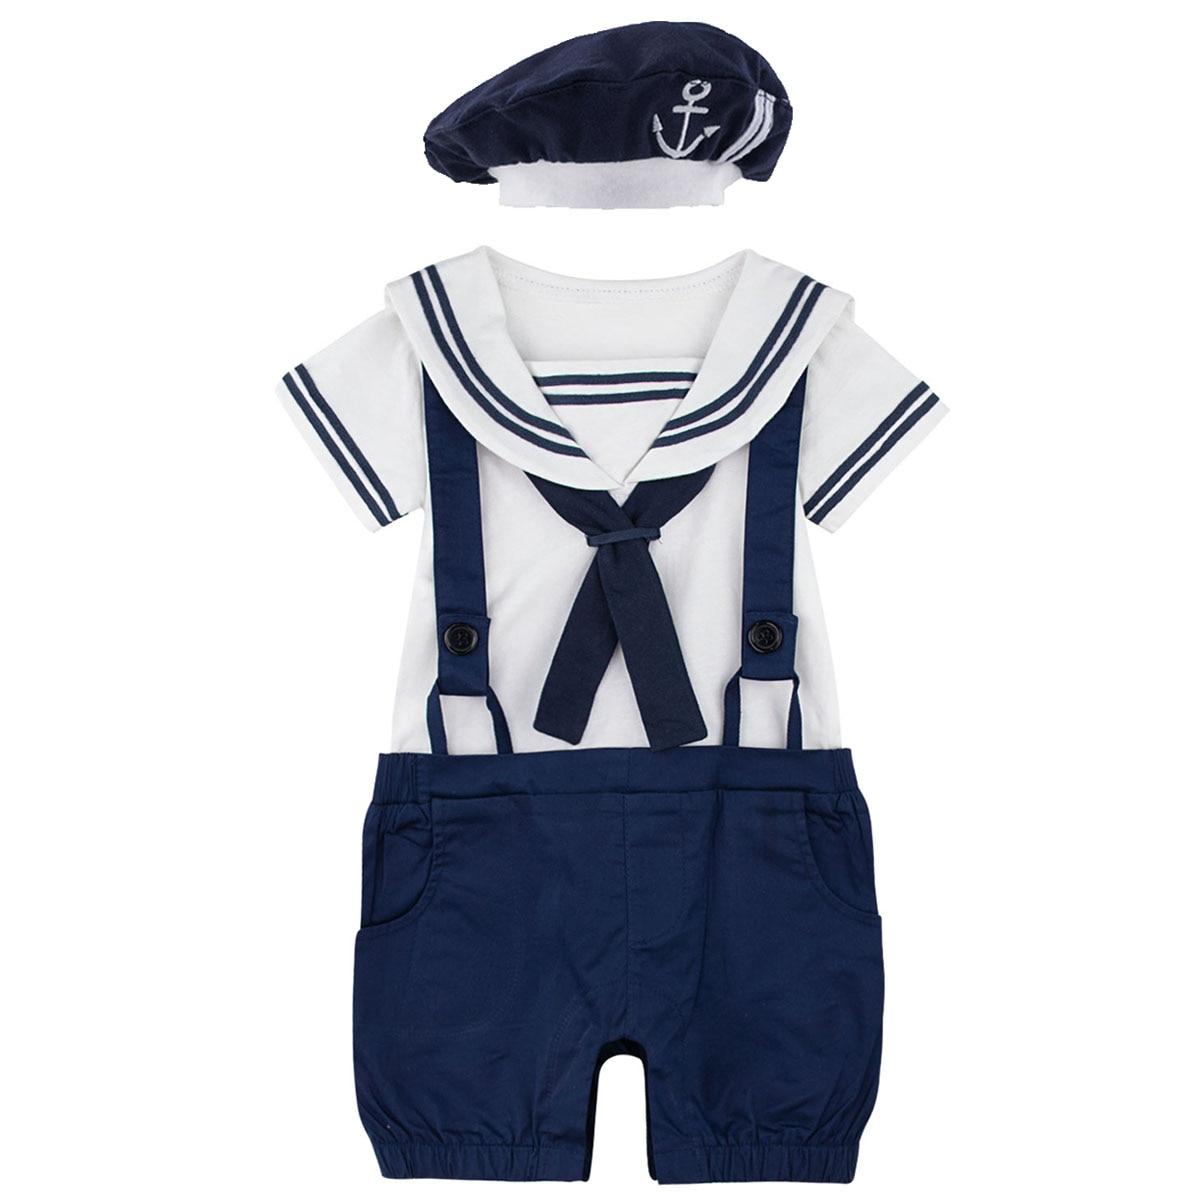 Комбинезон для новорожденных мальчиков и девочек в морском стиле, комбинезон на бретелях из 100% хлопка для Хэллоуина, комбинезон с шапкой